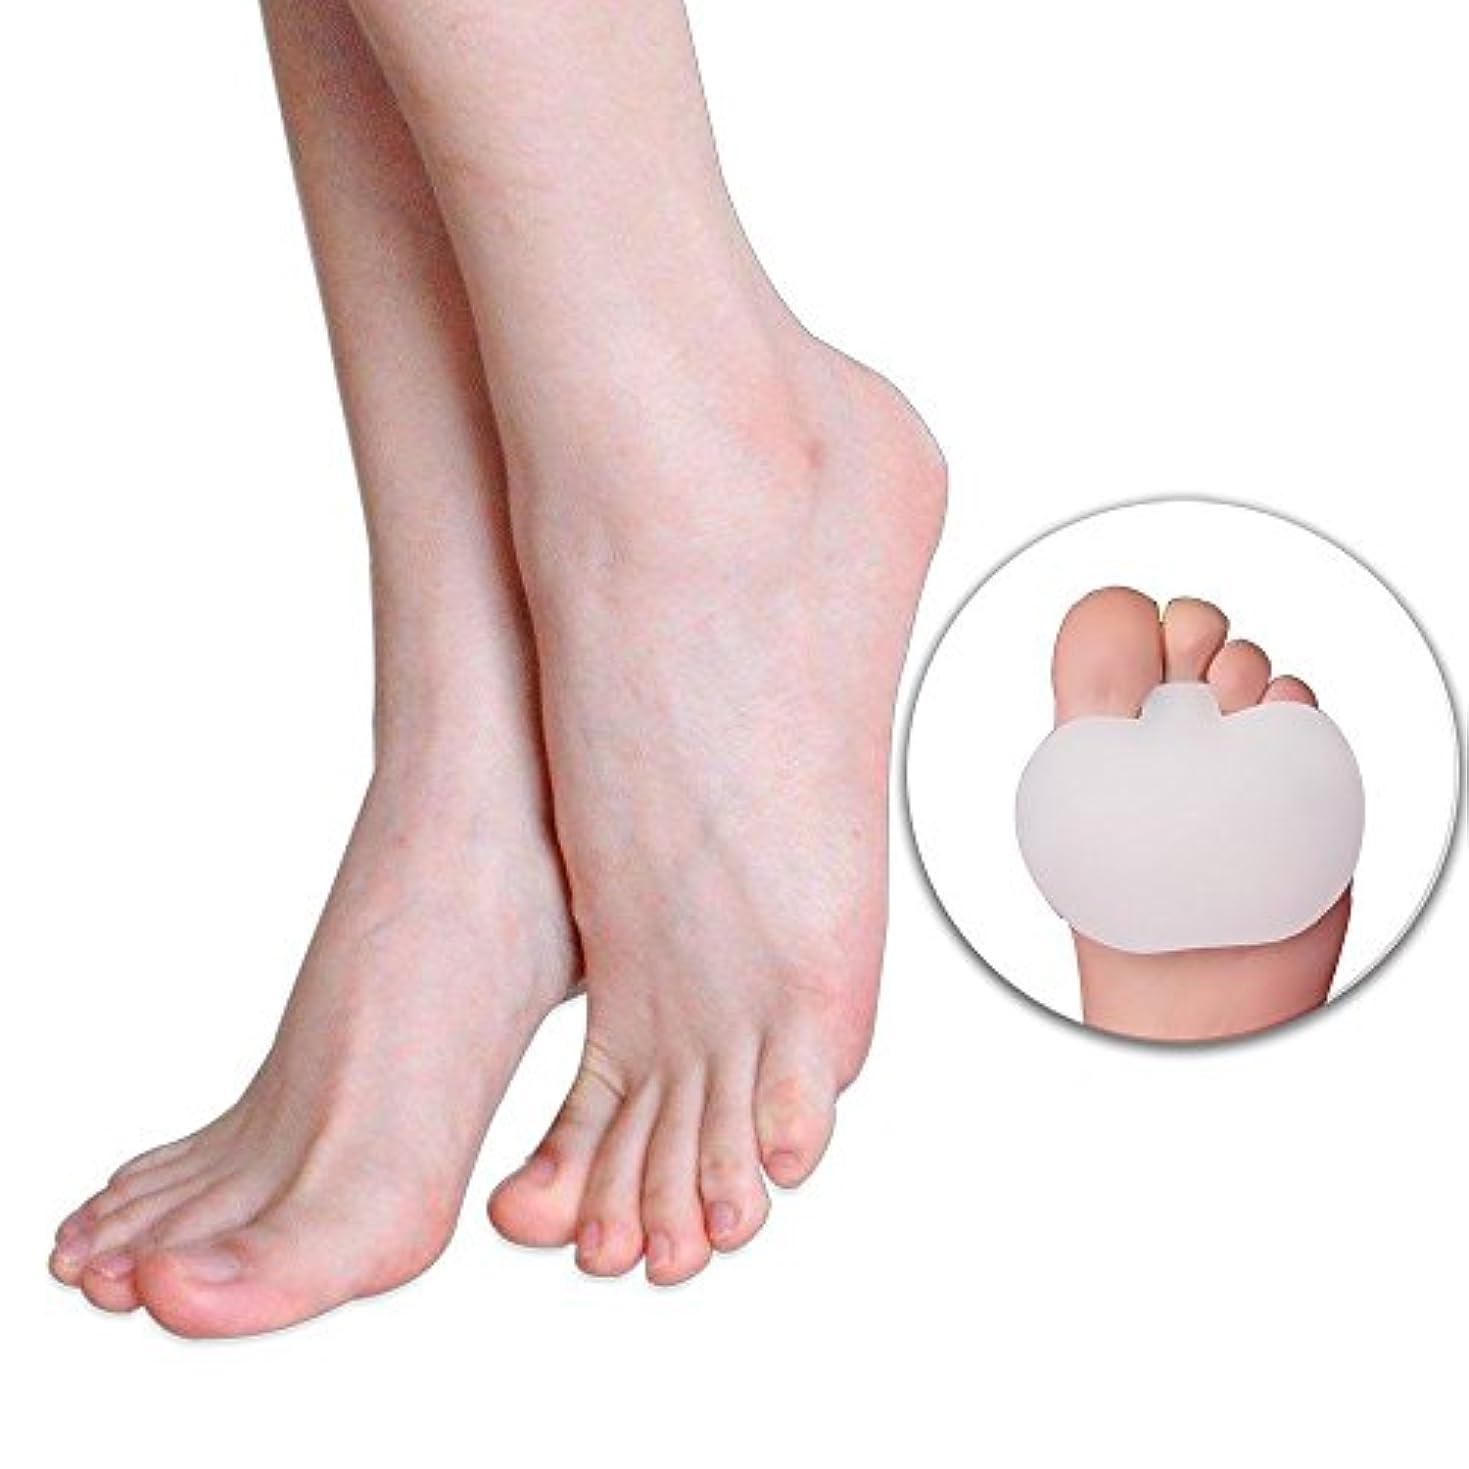 南遠近法帝国フットマッサージ 前足パット足のケア、ゲルソックス、つま先、シリコン、外反母趾矯正、ゲル中足骨パッド、足クッションのボール、前足のケア、痛みの足の痛み、外反、外反母趾